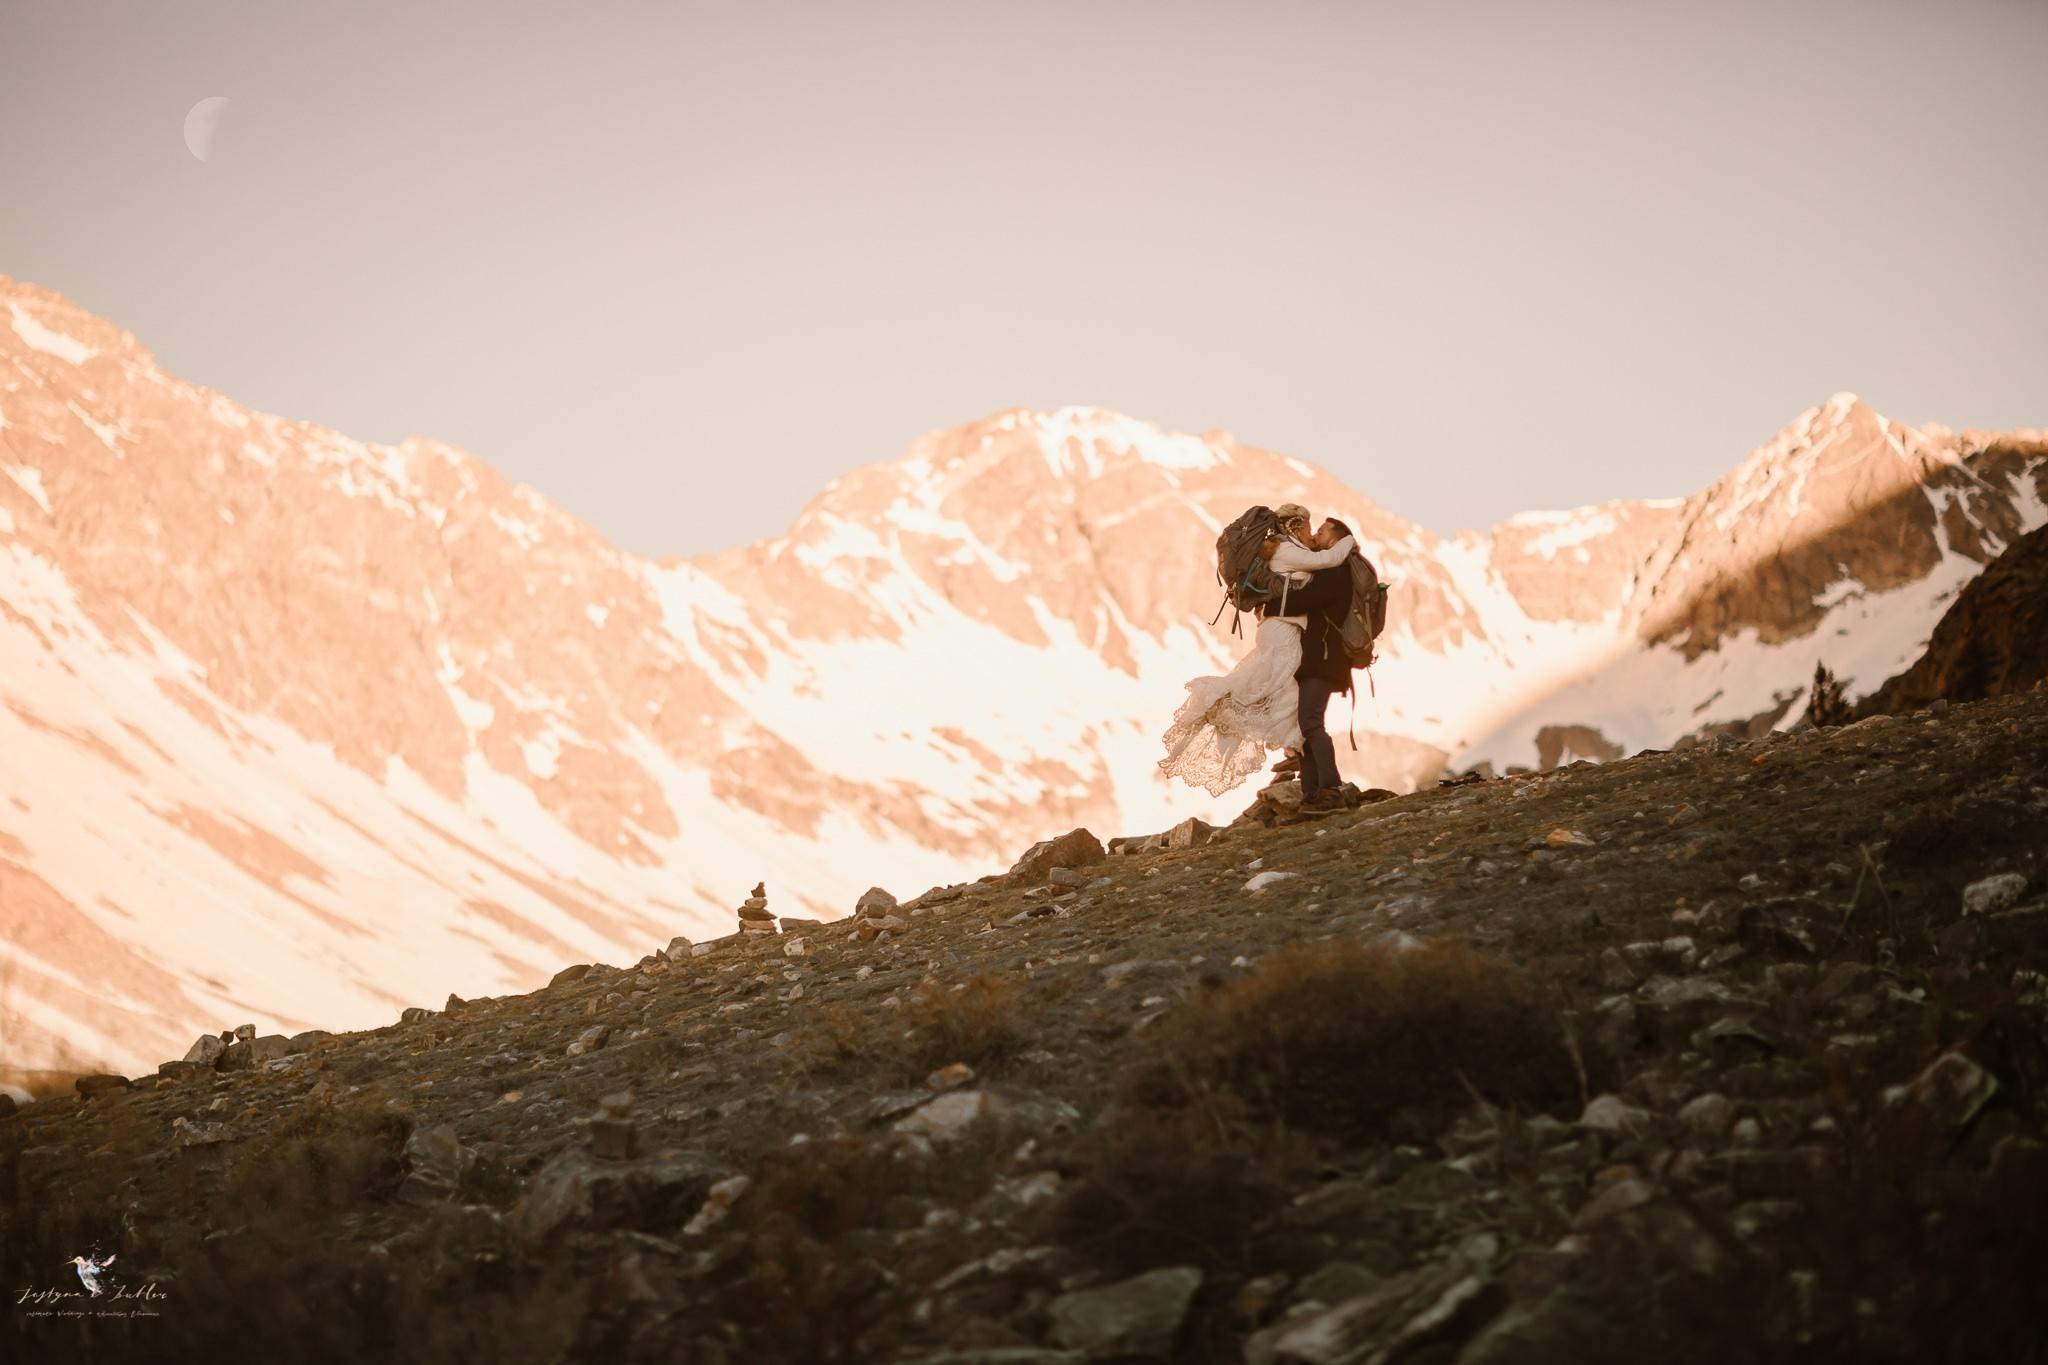 Colorado_Adventure_Elopement_Photographer_Justyna_E_Butler_Photography